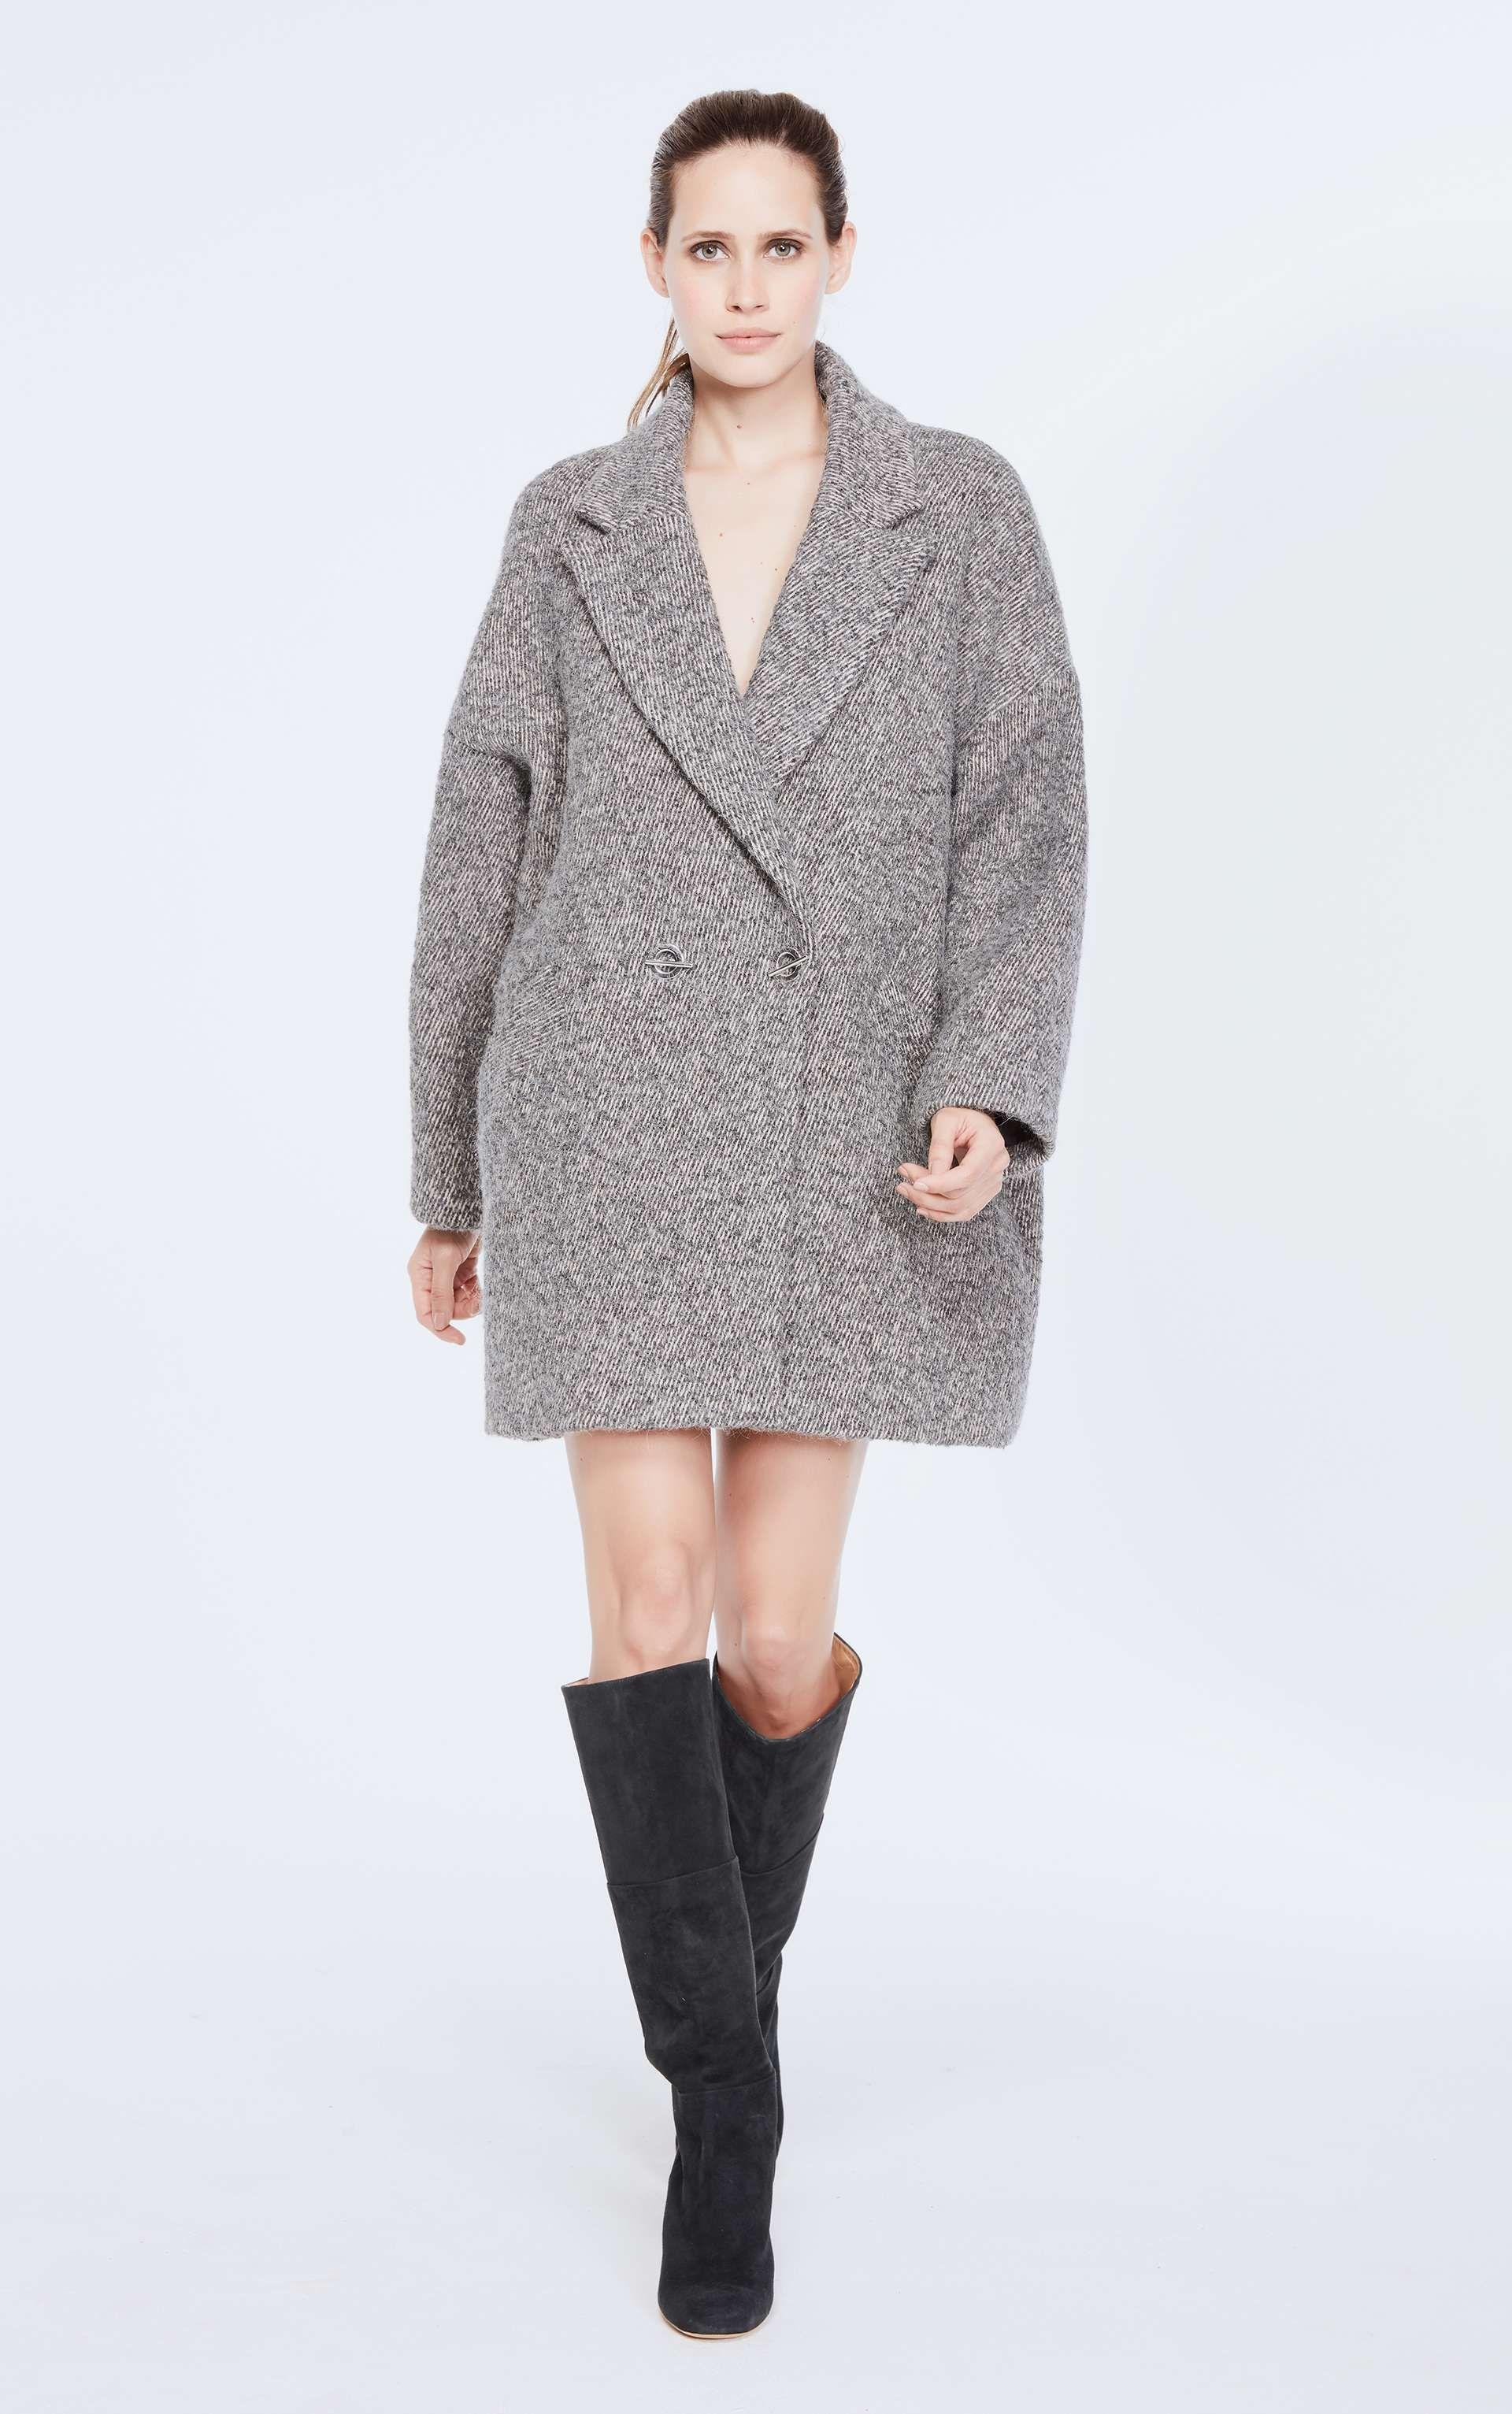 Célèbre MANTEAUX MING | Vêtements | Pinterest | Bash, Manteau et Vestes DP02